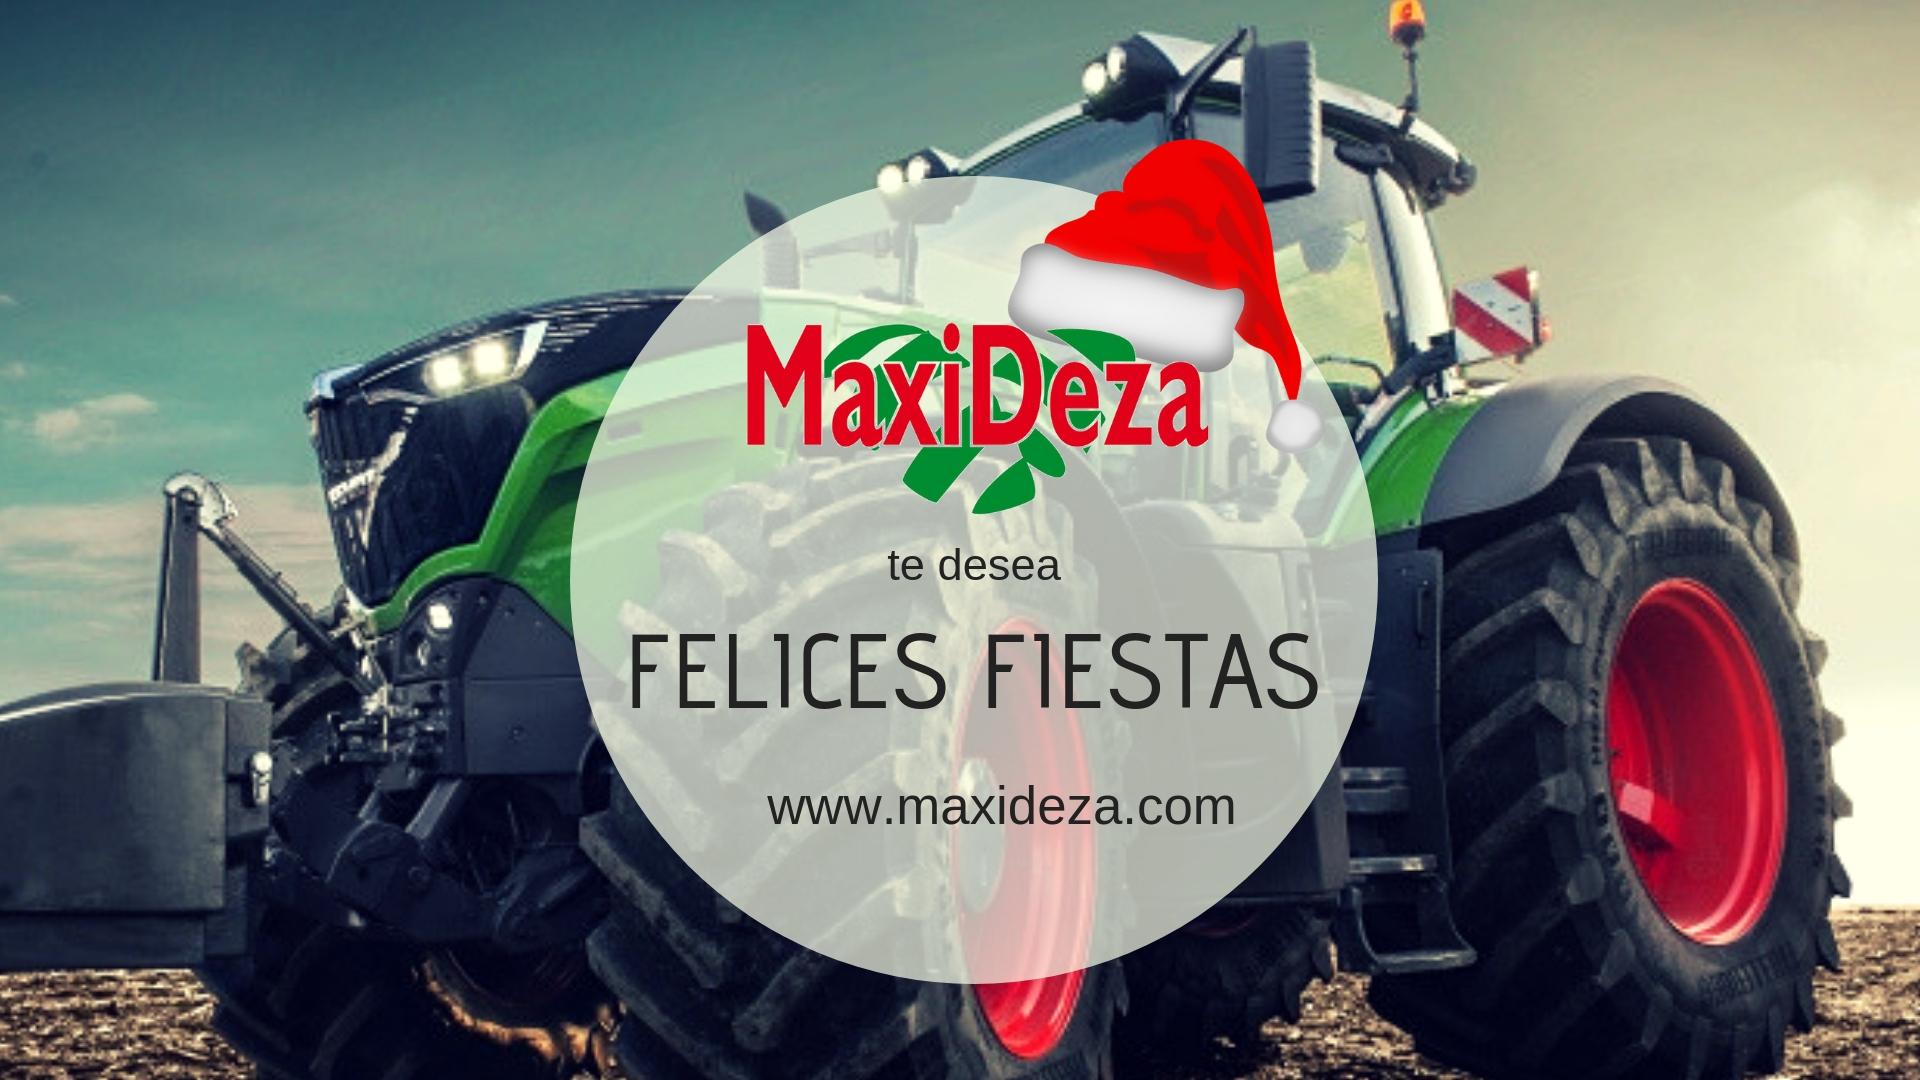 maxideza-felices-fiestas